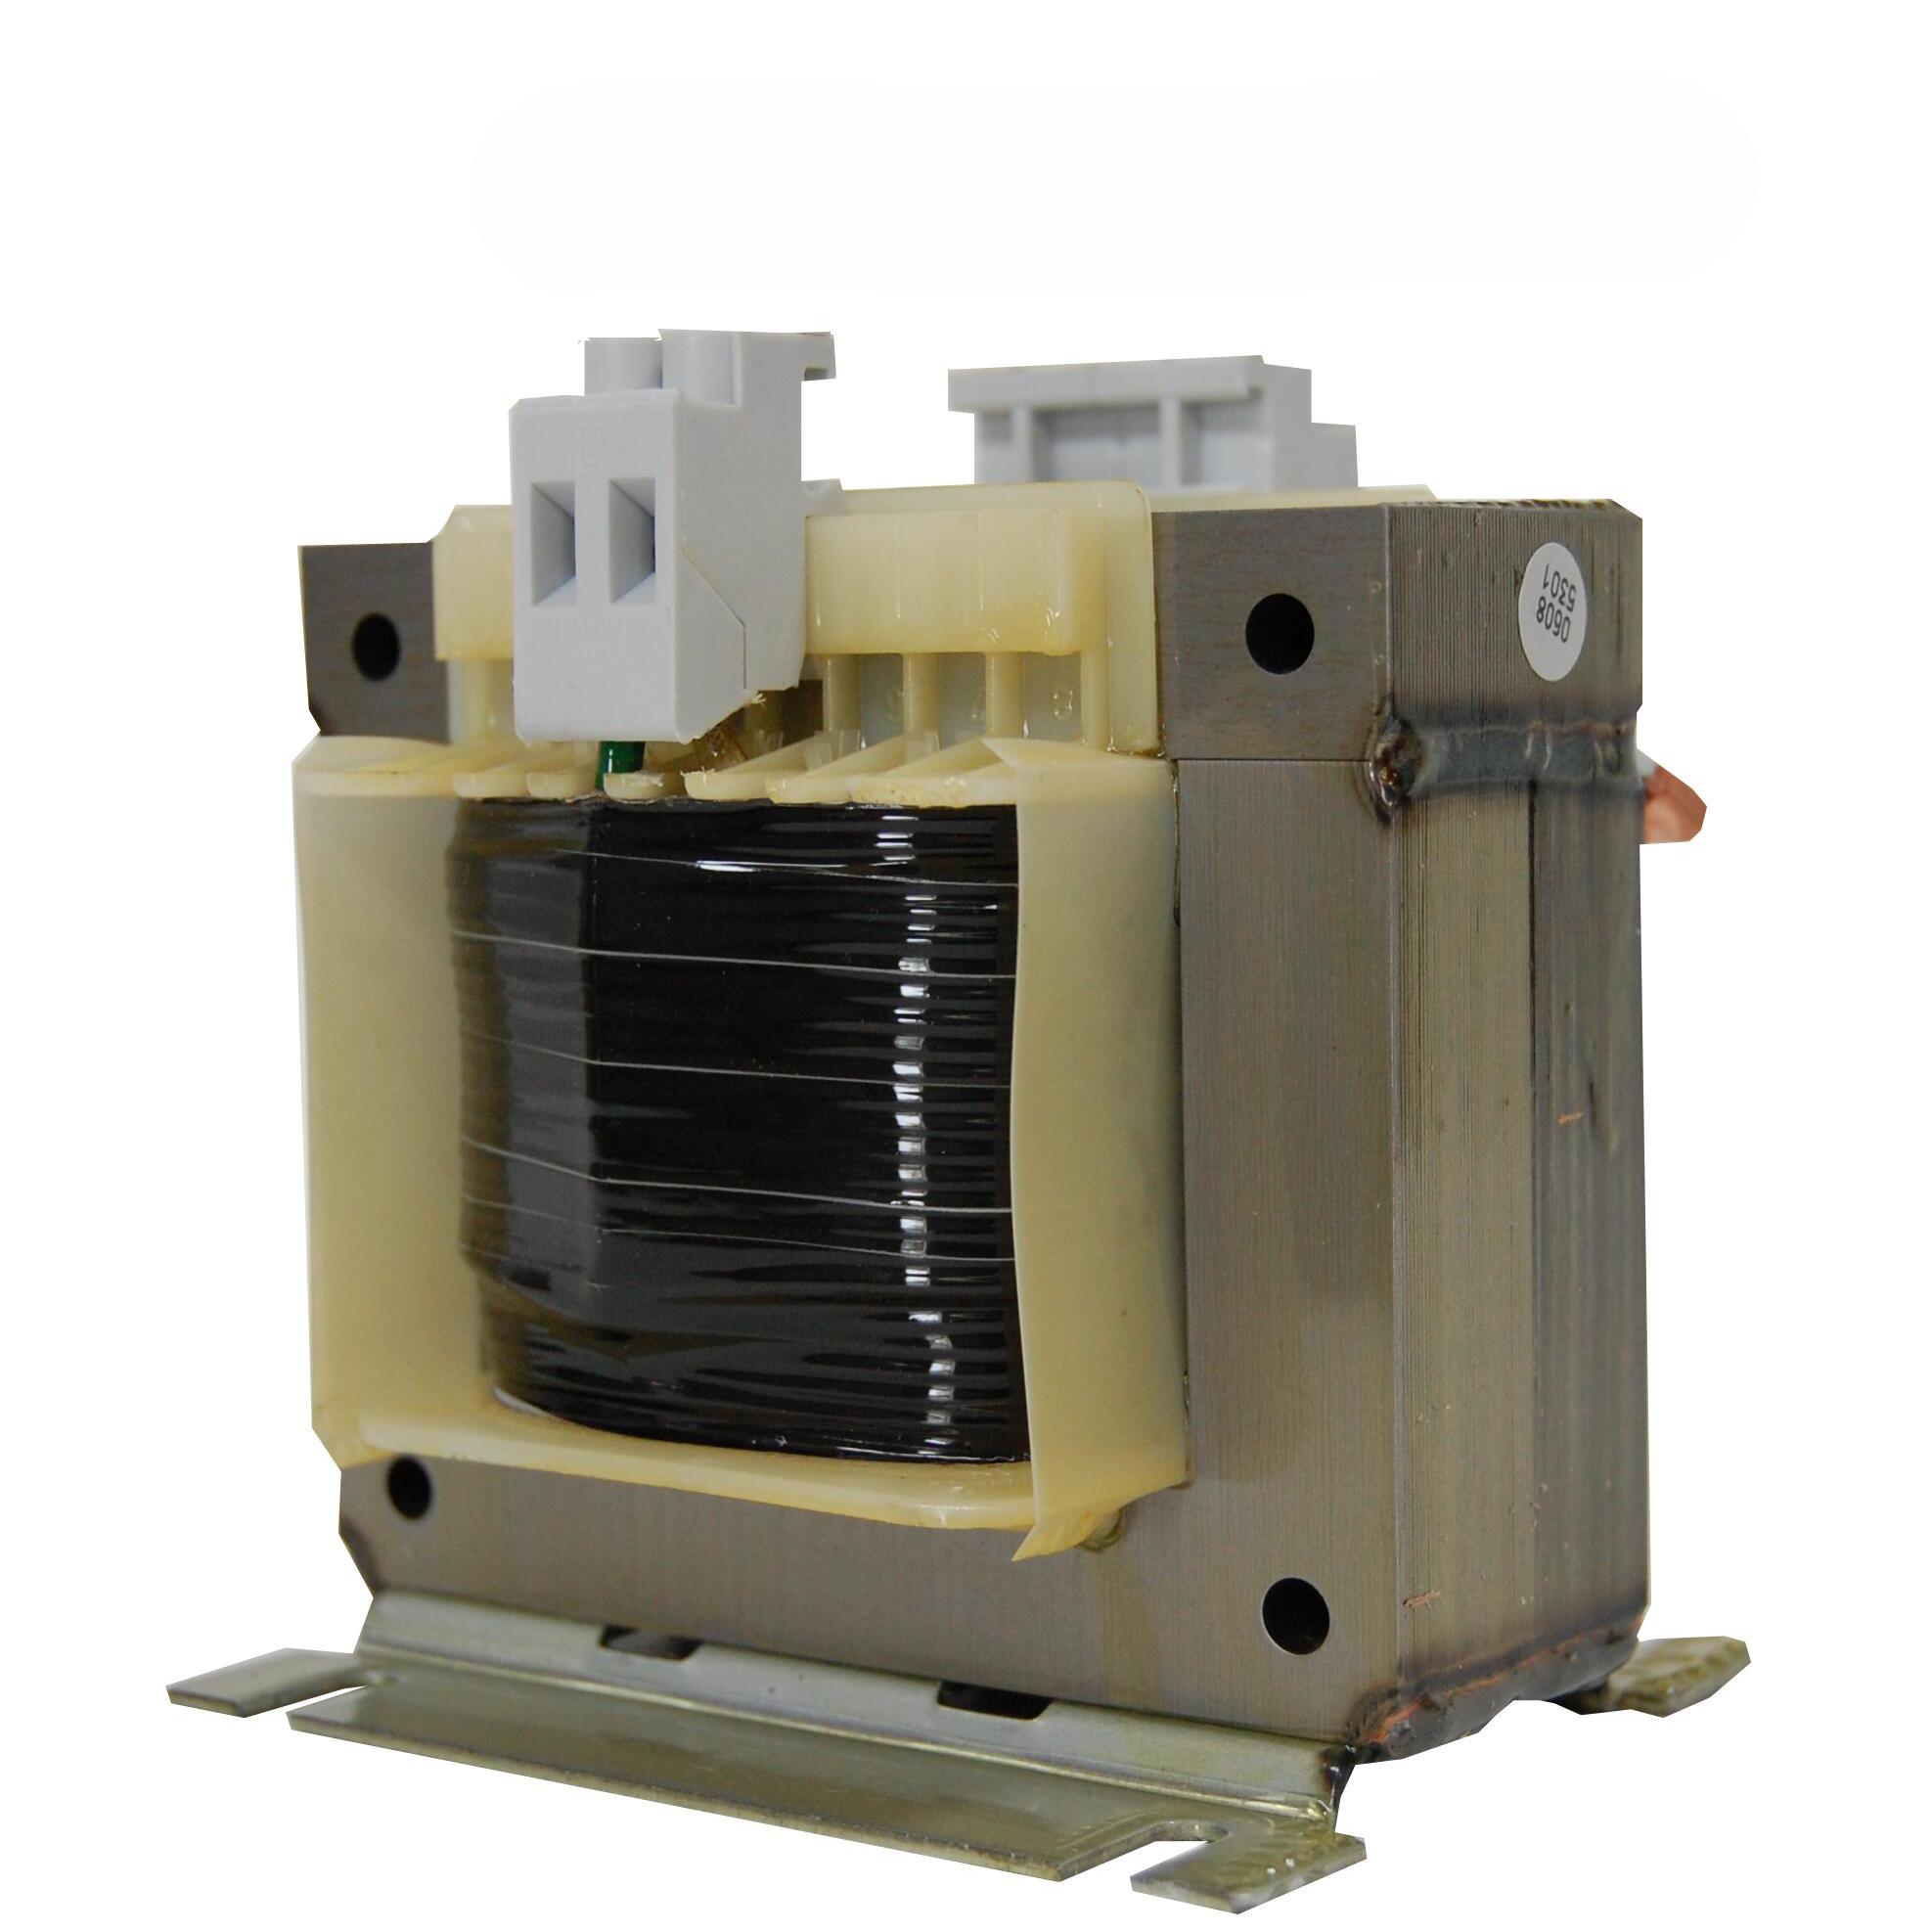 1 Stk Einphasen Steuertransformator 400/230V, 63VA, IP00 LP604006T-